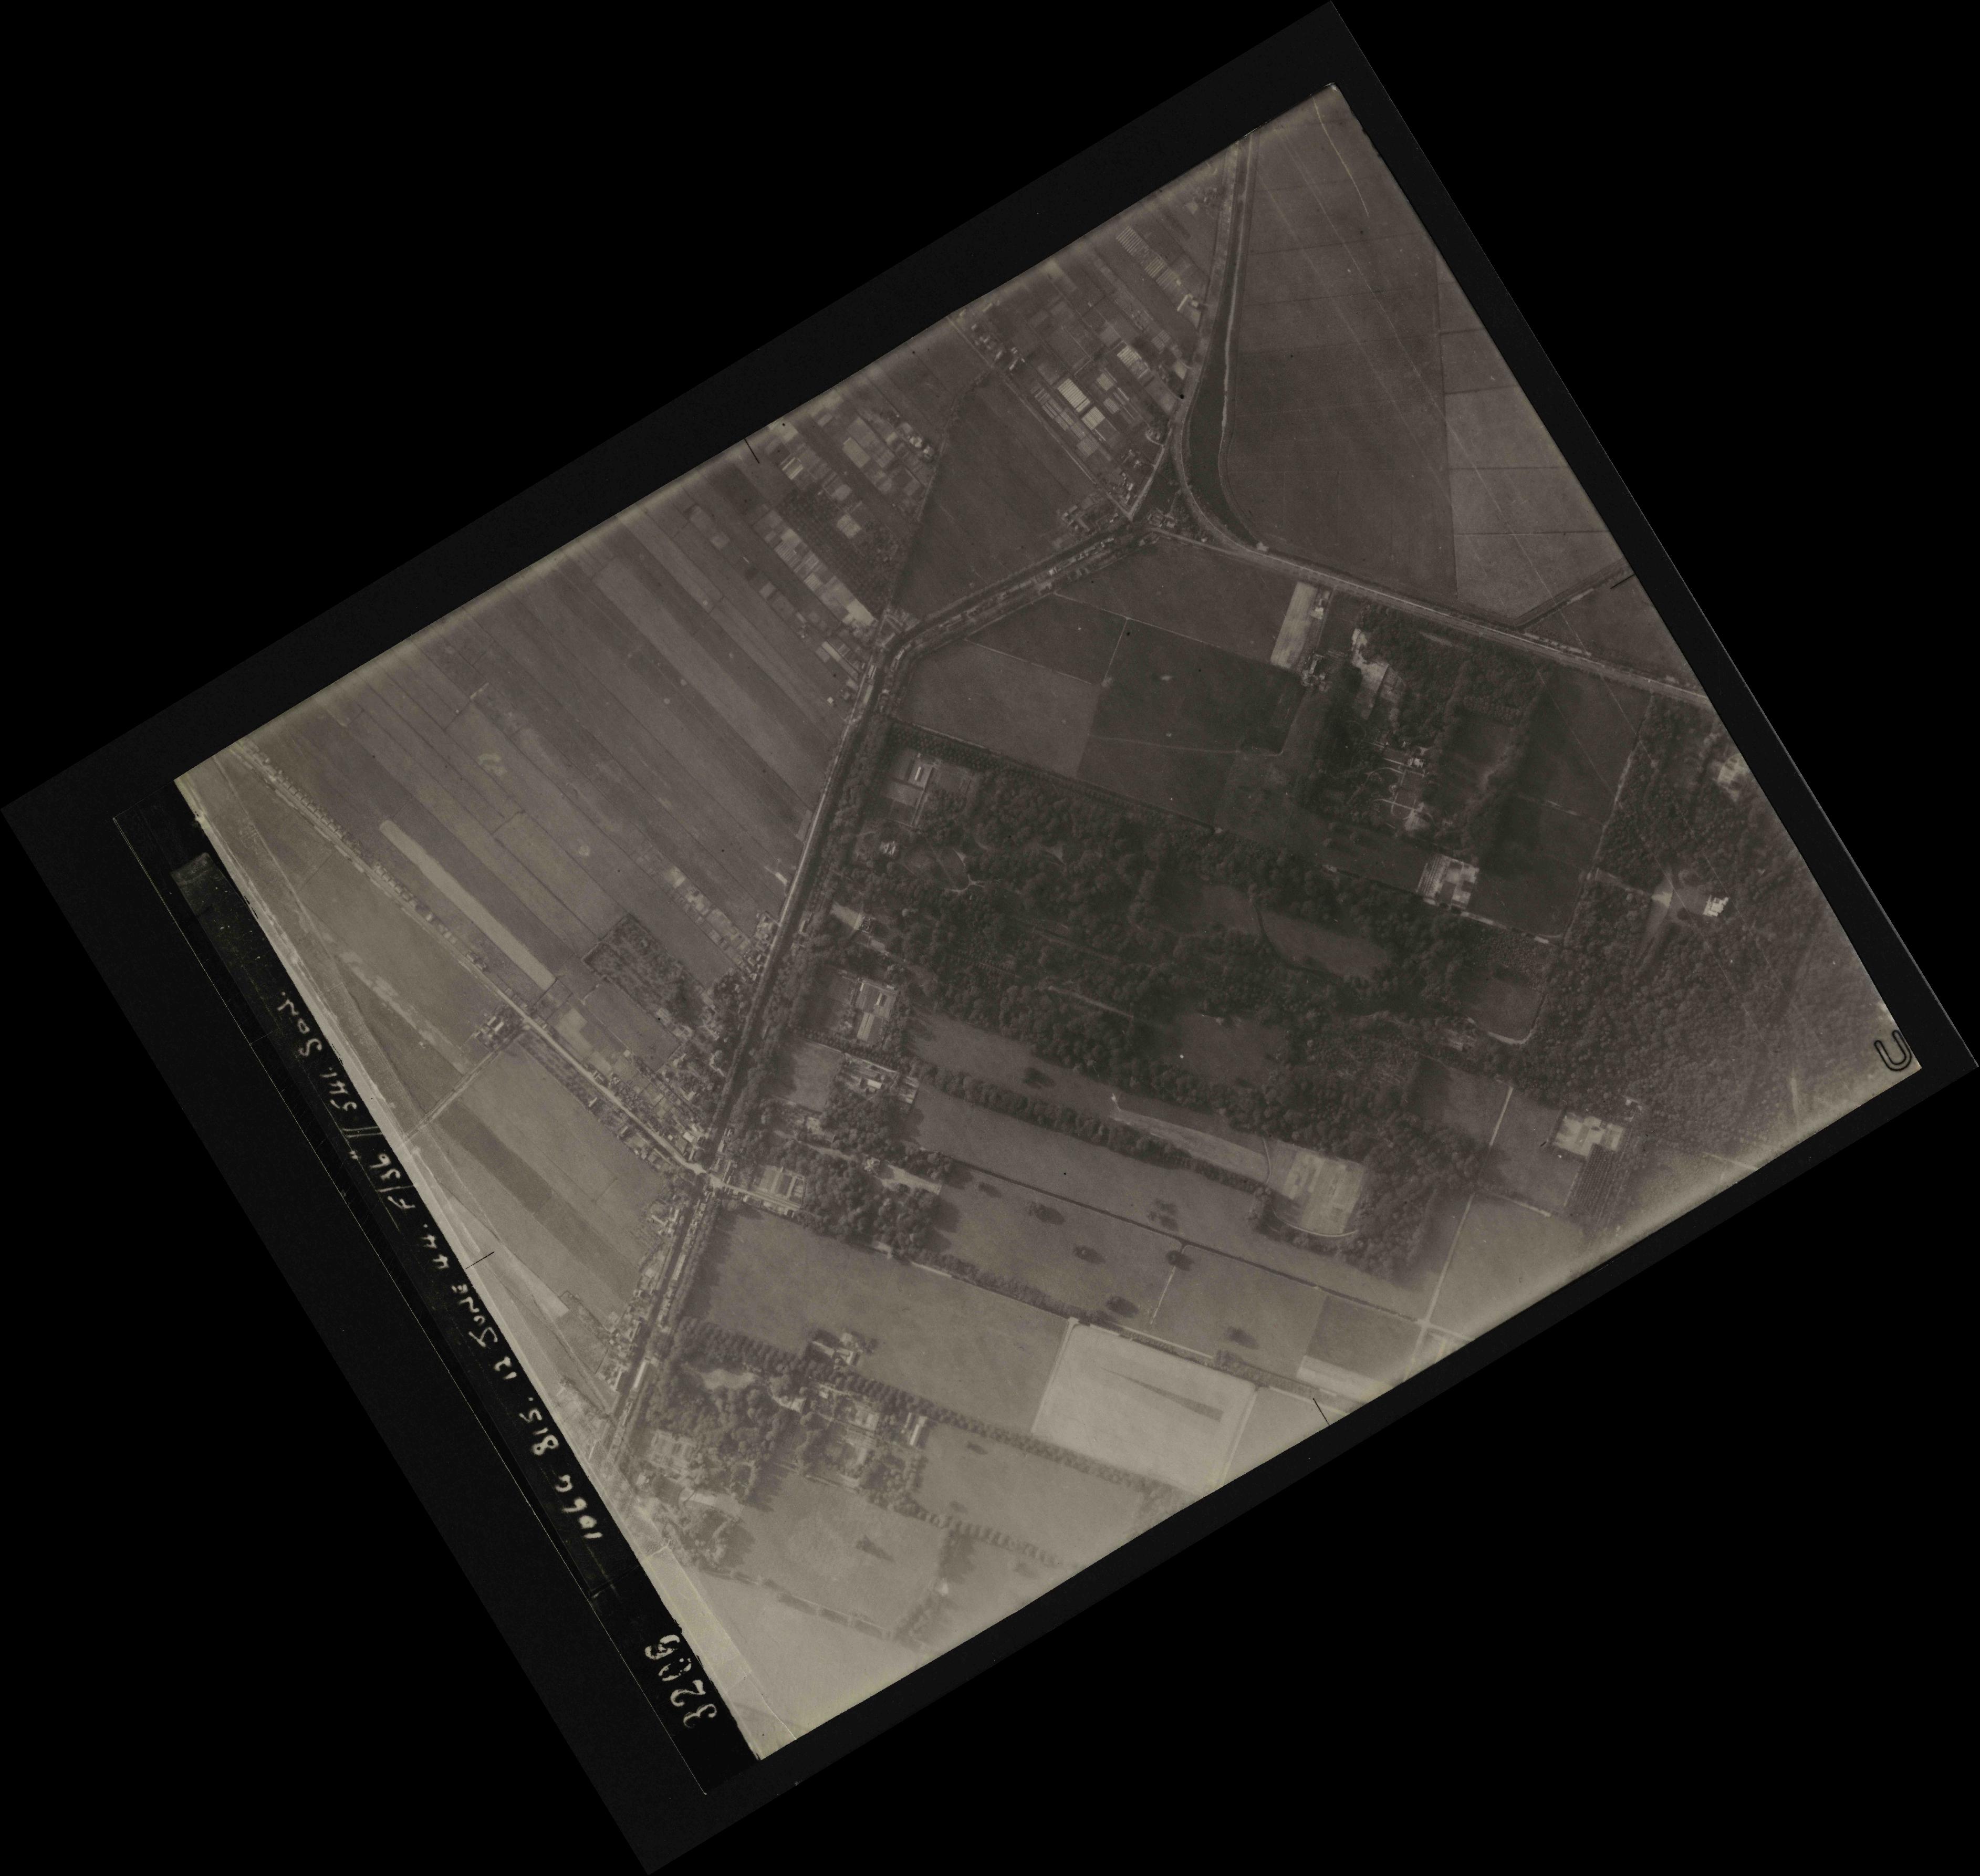 Collection RAF aerial photos 1940-1945 - flight 175, run 02, photo 3206